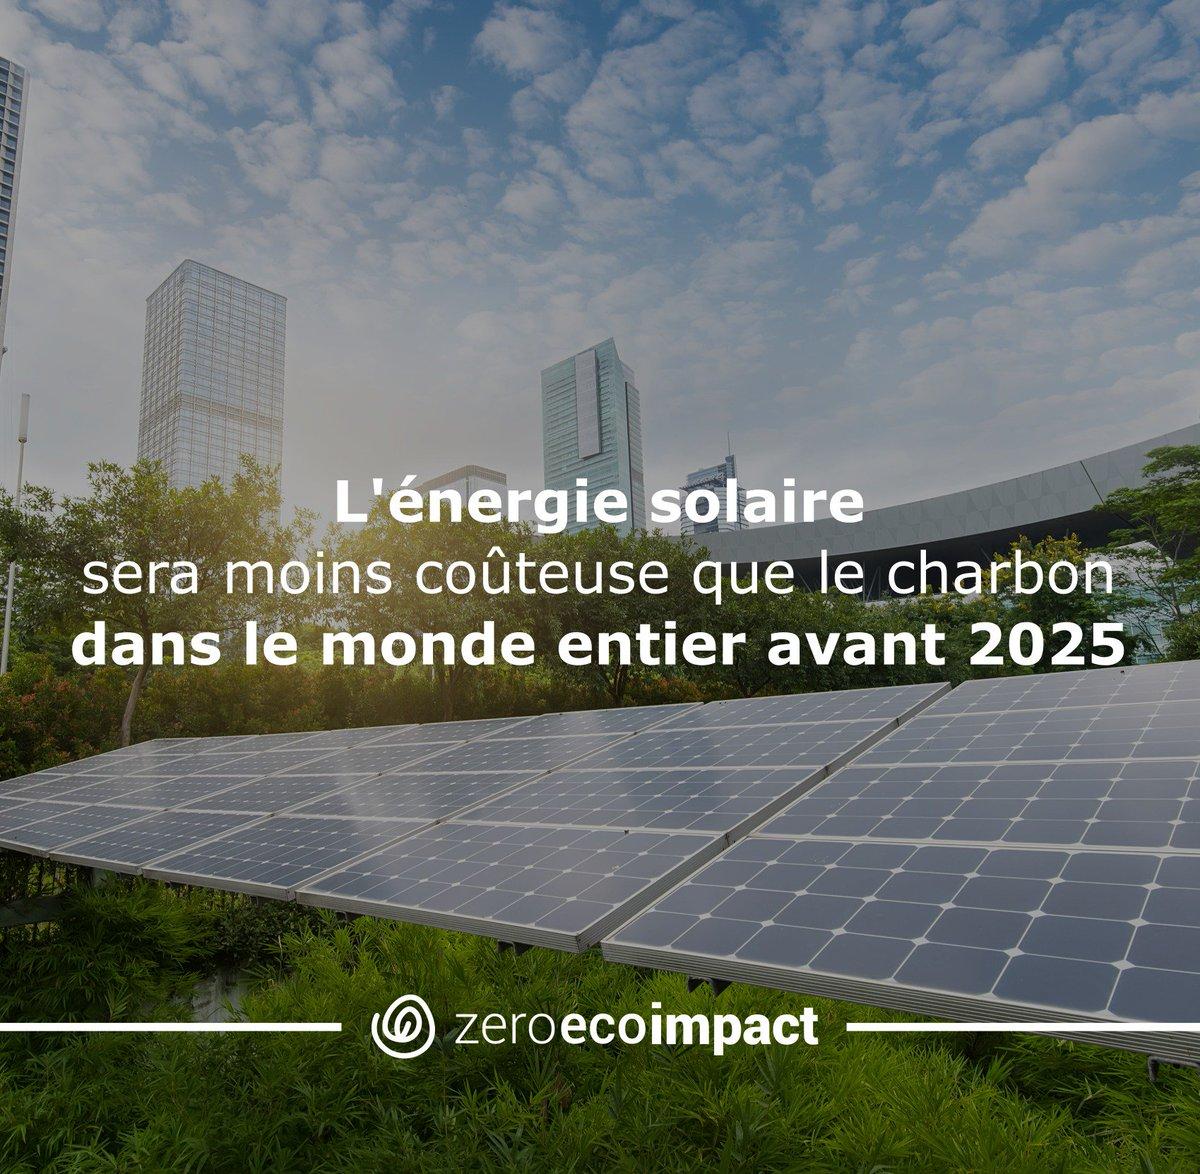 L&#39;énegie solaire devrait devenir plus compétitive que le charbon partout dans le monde dans moins de 10 ans #climatechange #zei<br>http://pic.twitter.com/qam6swsDPU